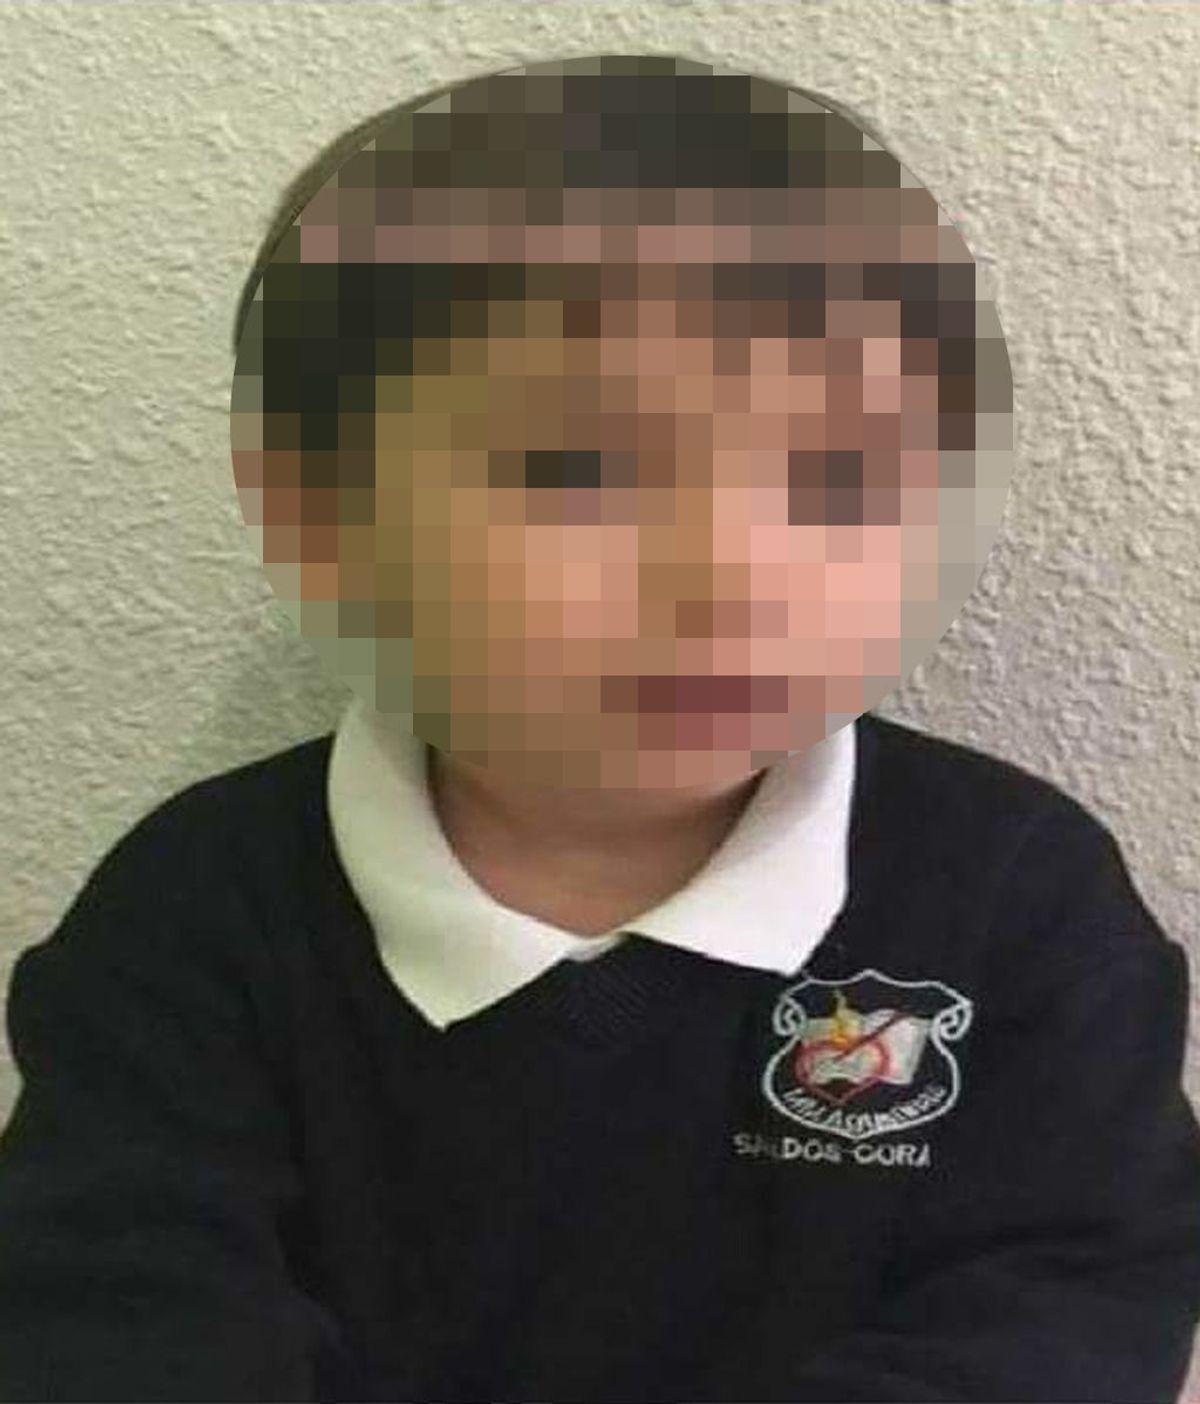 Buscan a Daniel, un niño de 5 años, desaparecido en Navalcán (Toledo)